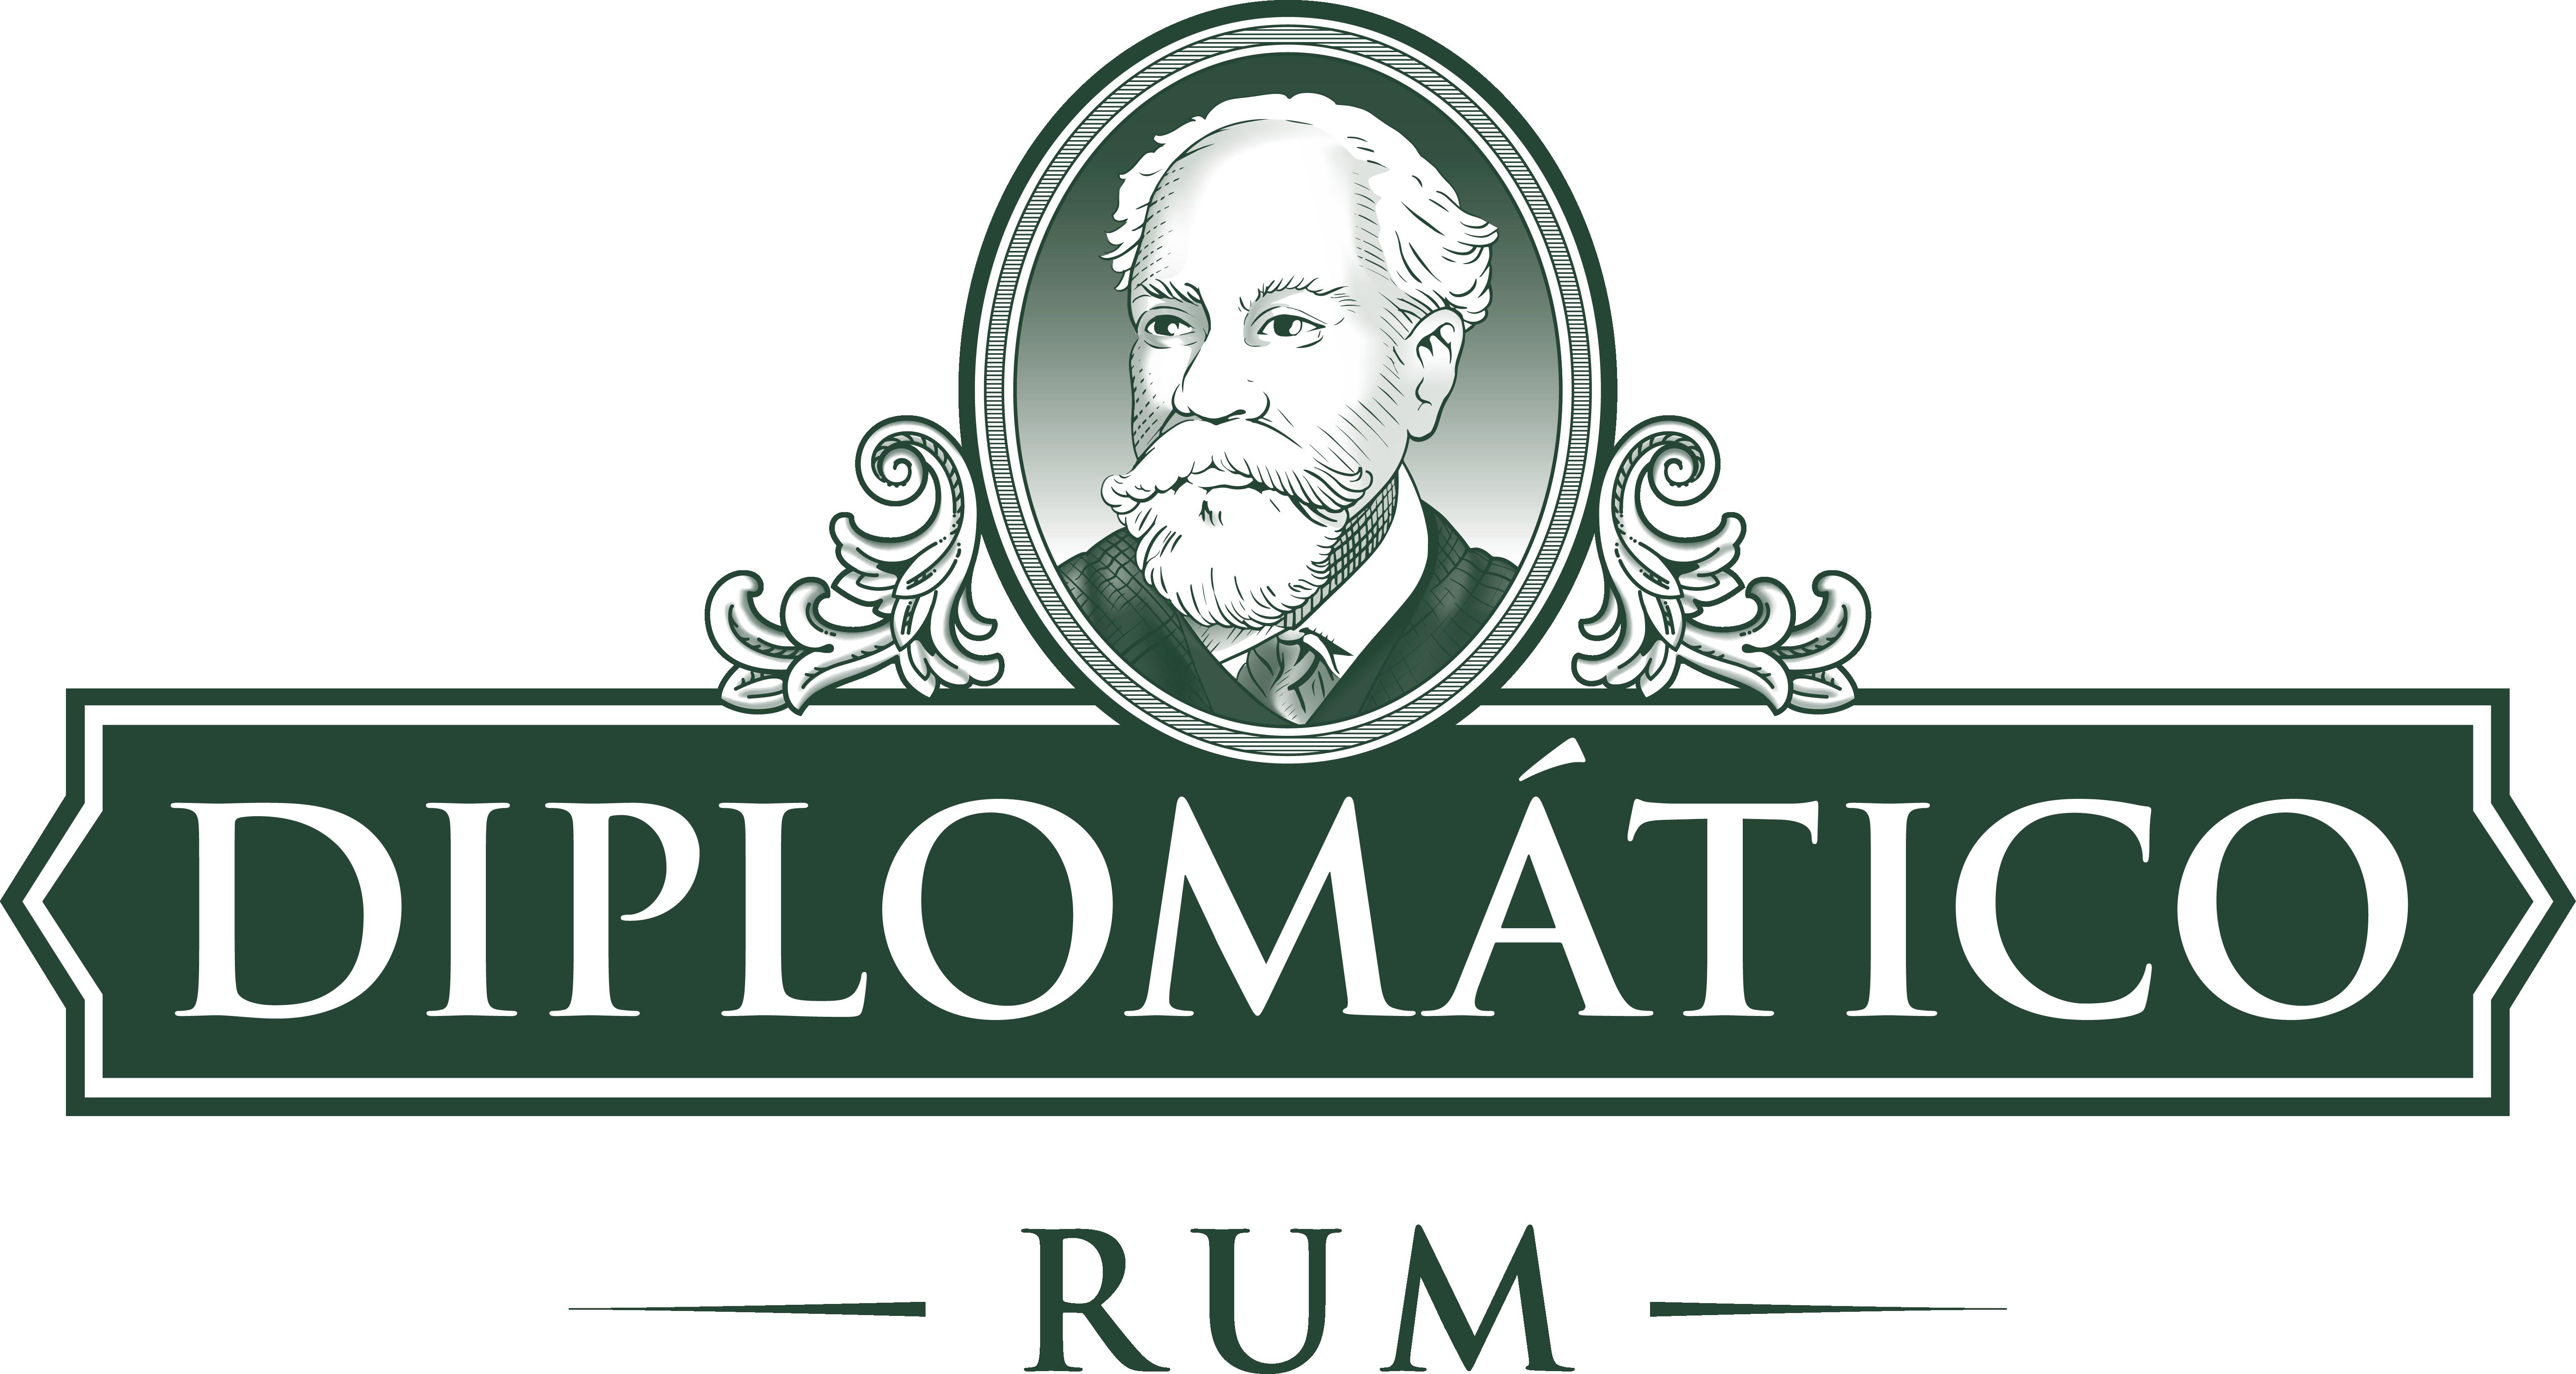 Diploma%cc%81tico rum 01  1